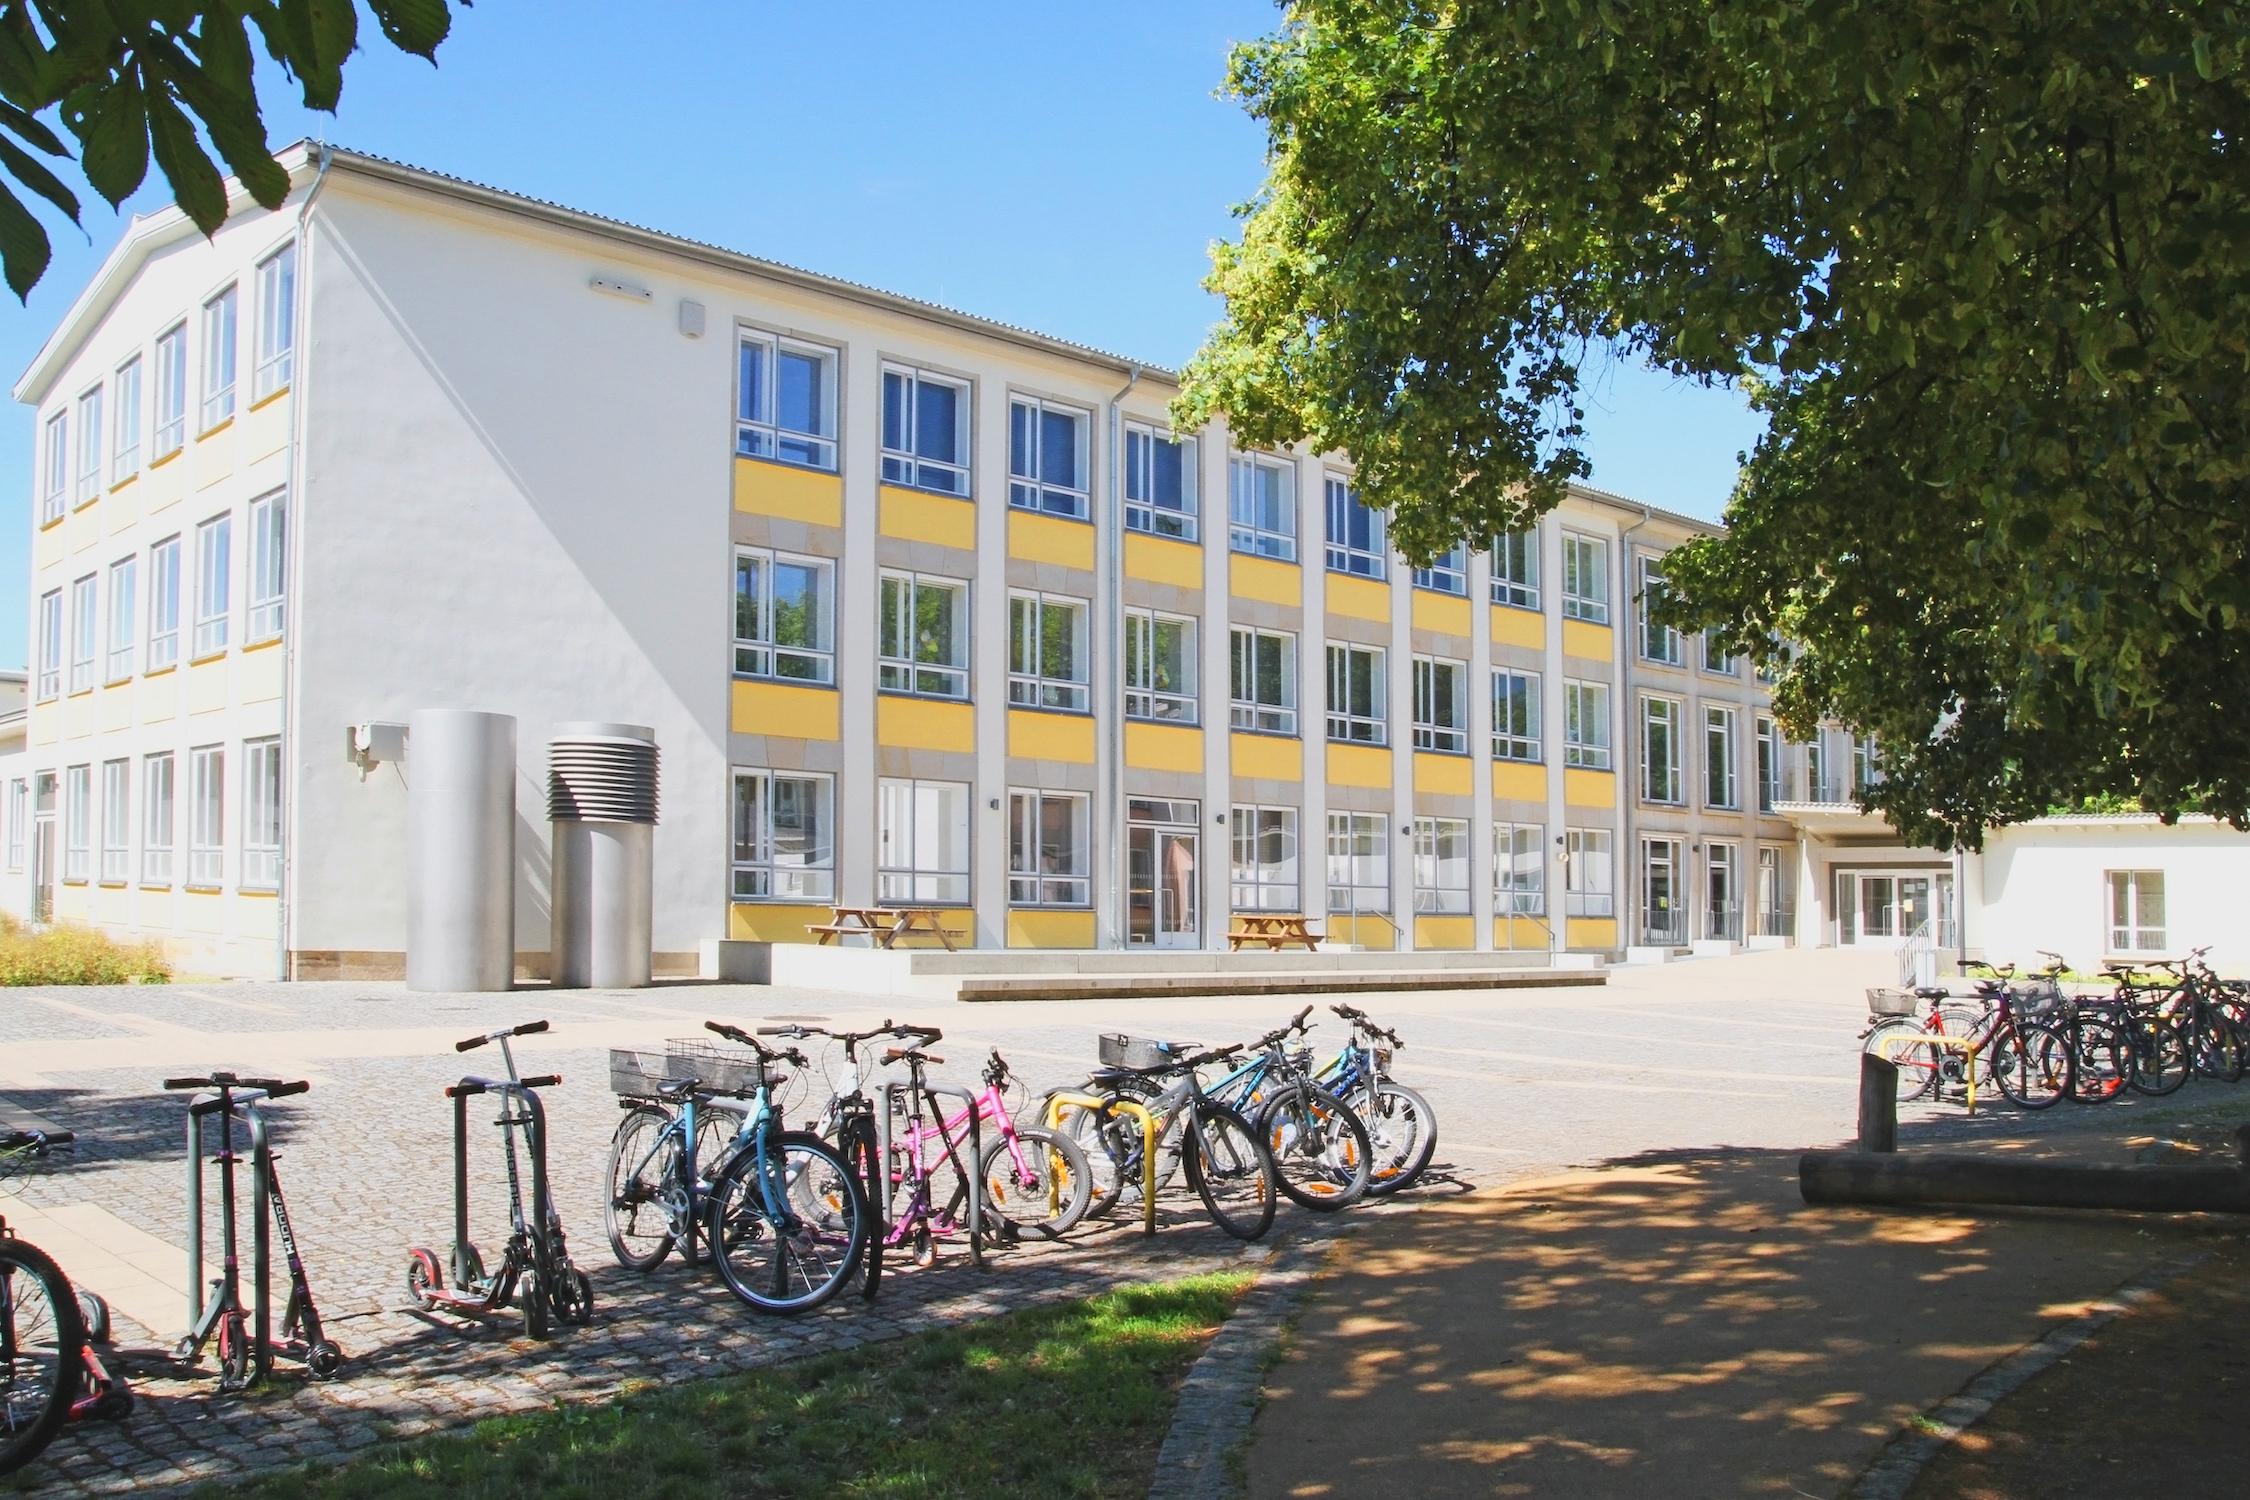 Schulgebäude von der Hofseite